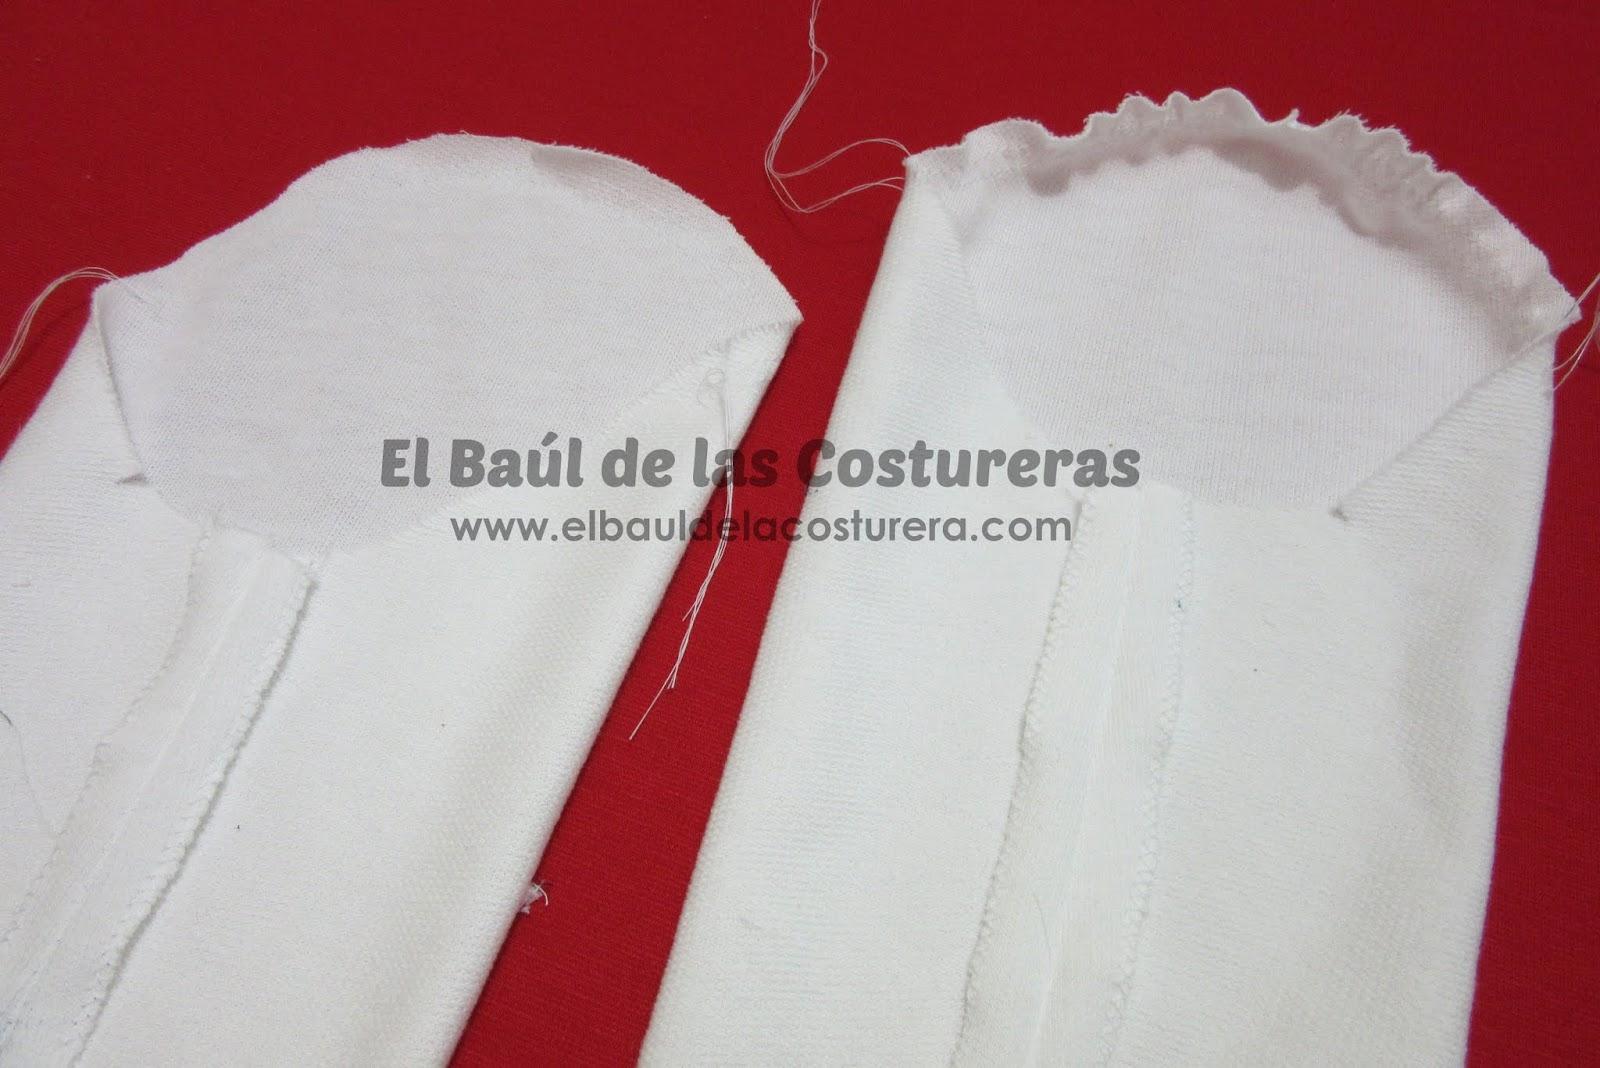 como embeber mangas de blusa baul costureras tutorial